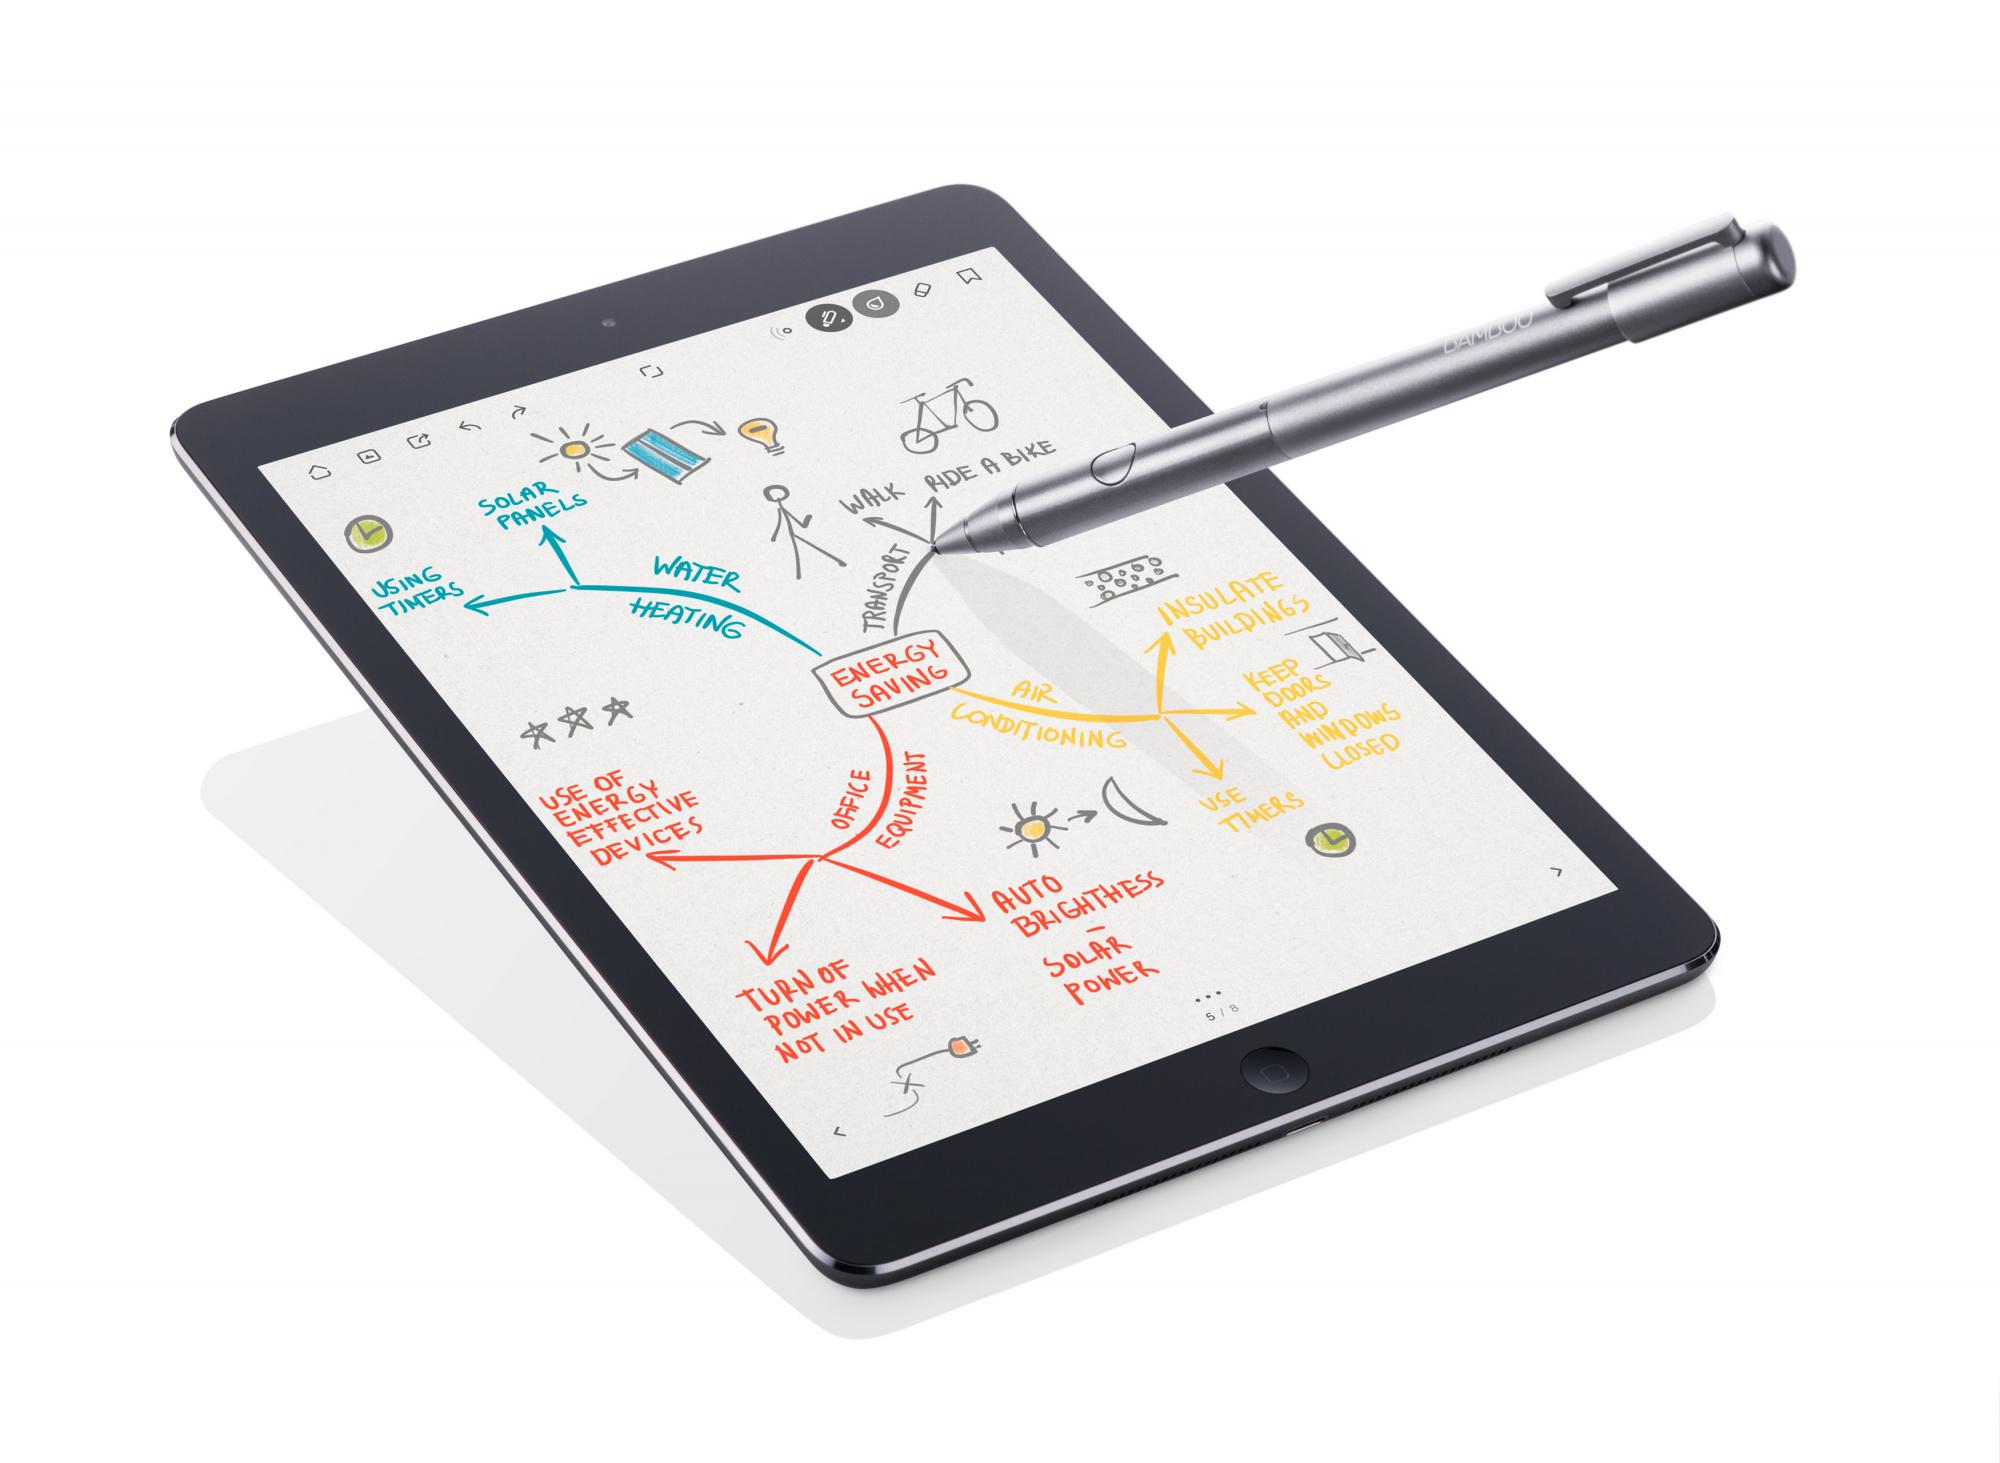 Купить Wacom Bamboo Stylus Fineline (CS-600CK-X) - стилус для планшетов (Grey), ваком бамбу стилус файнлайн в Москве по низкой ц